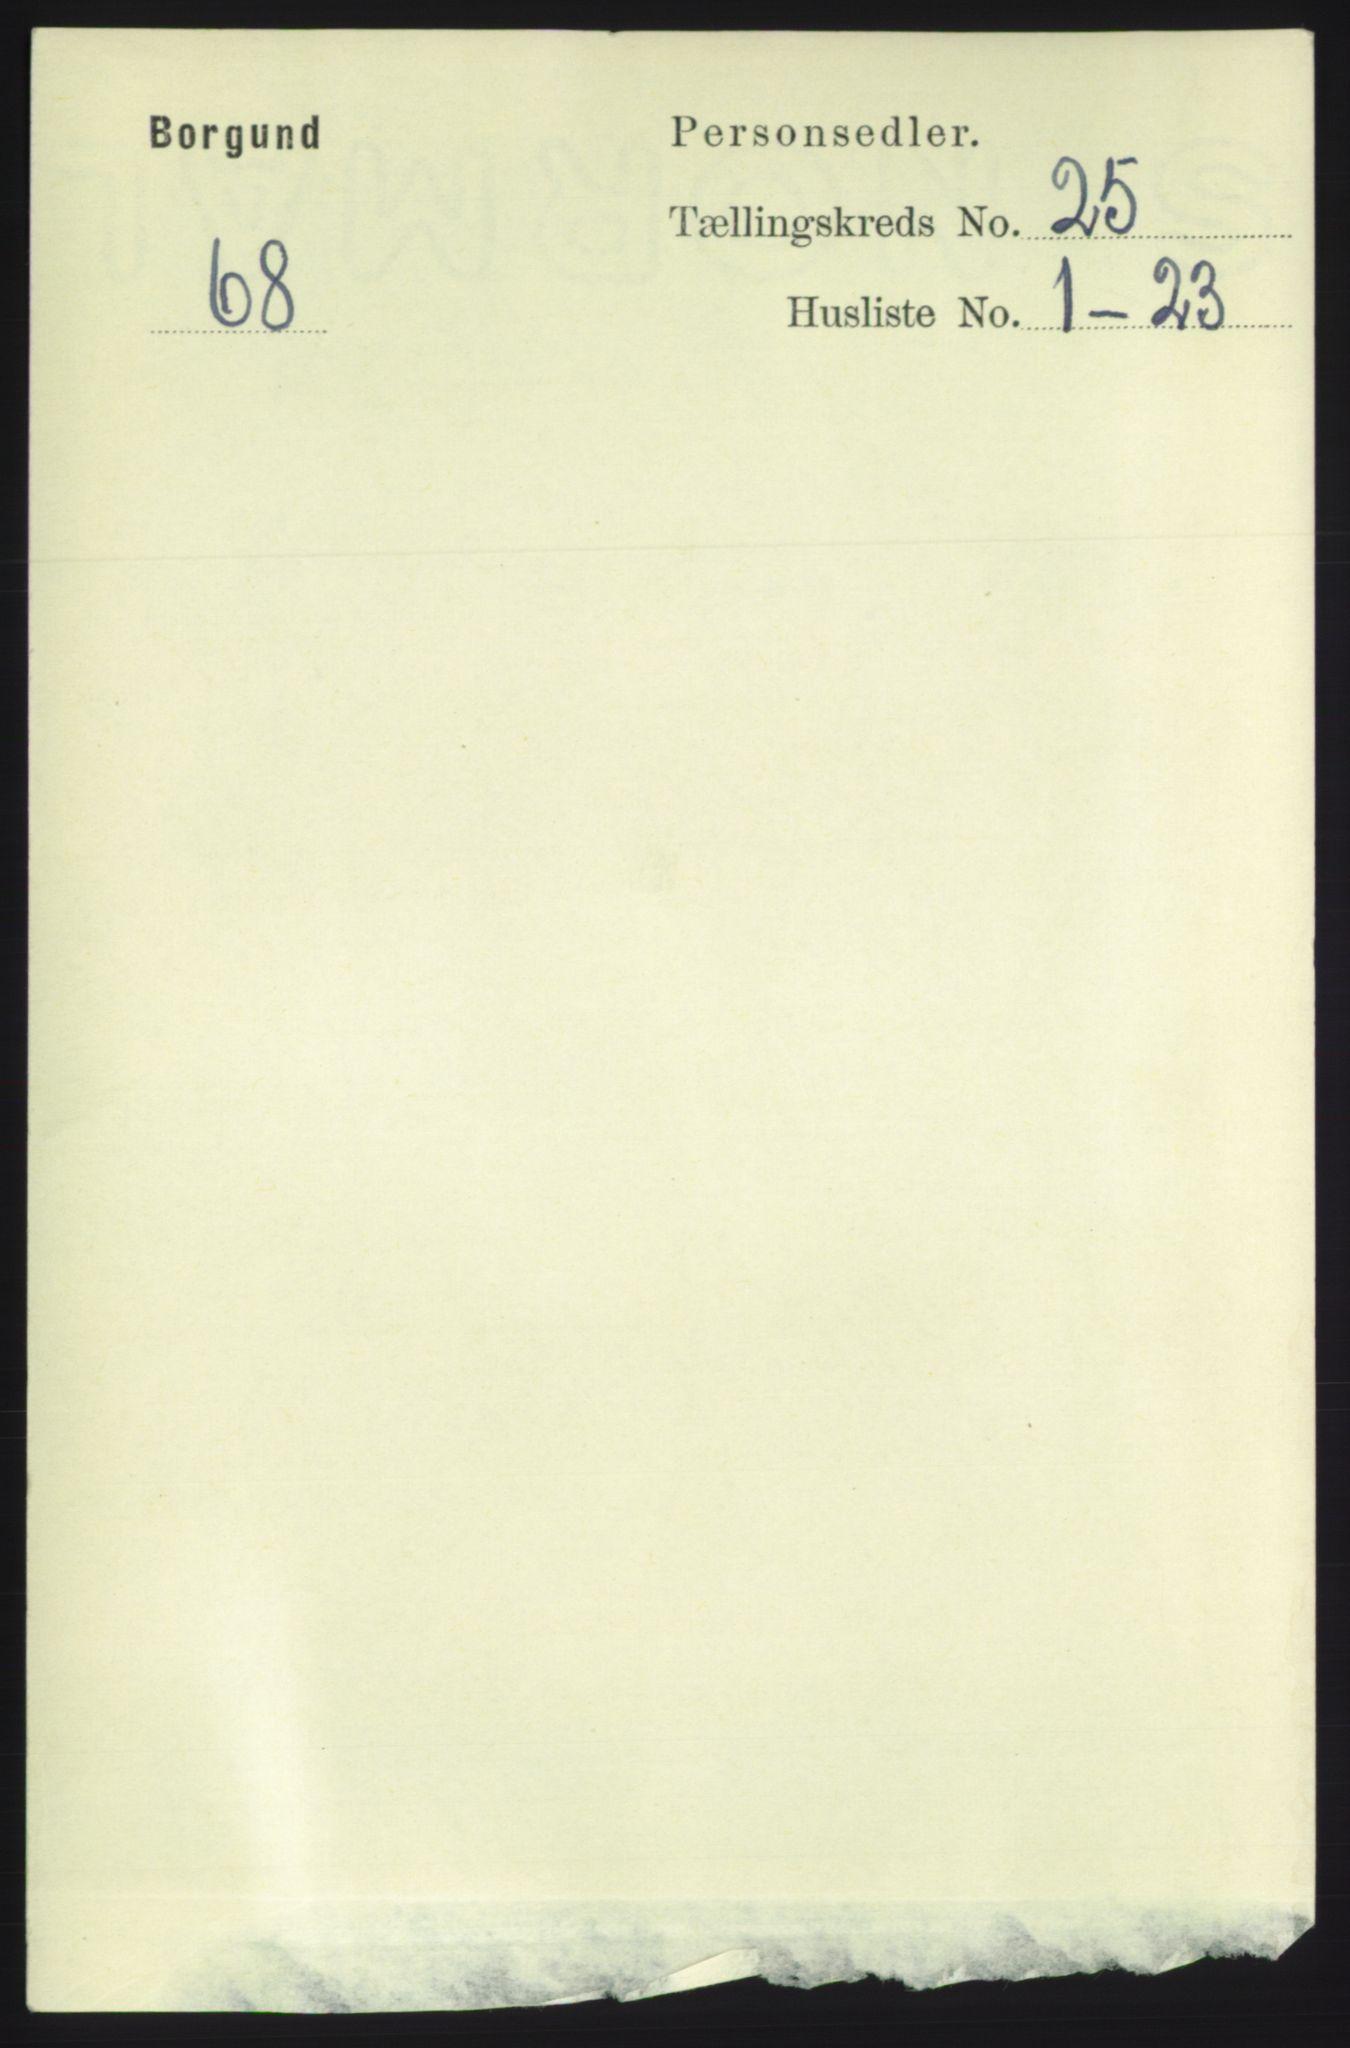 RA, Folketelling 1891 for 1531 Borgund herred, 1891, s. 7256